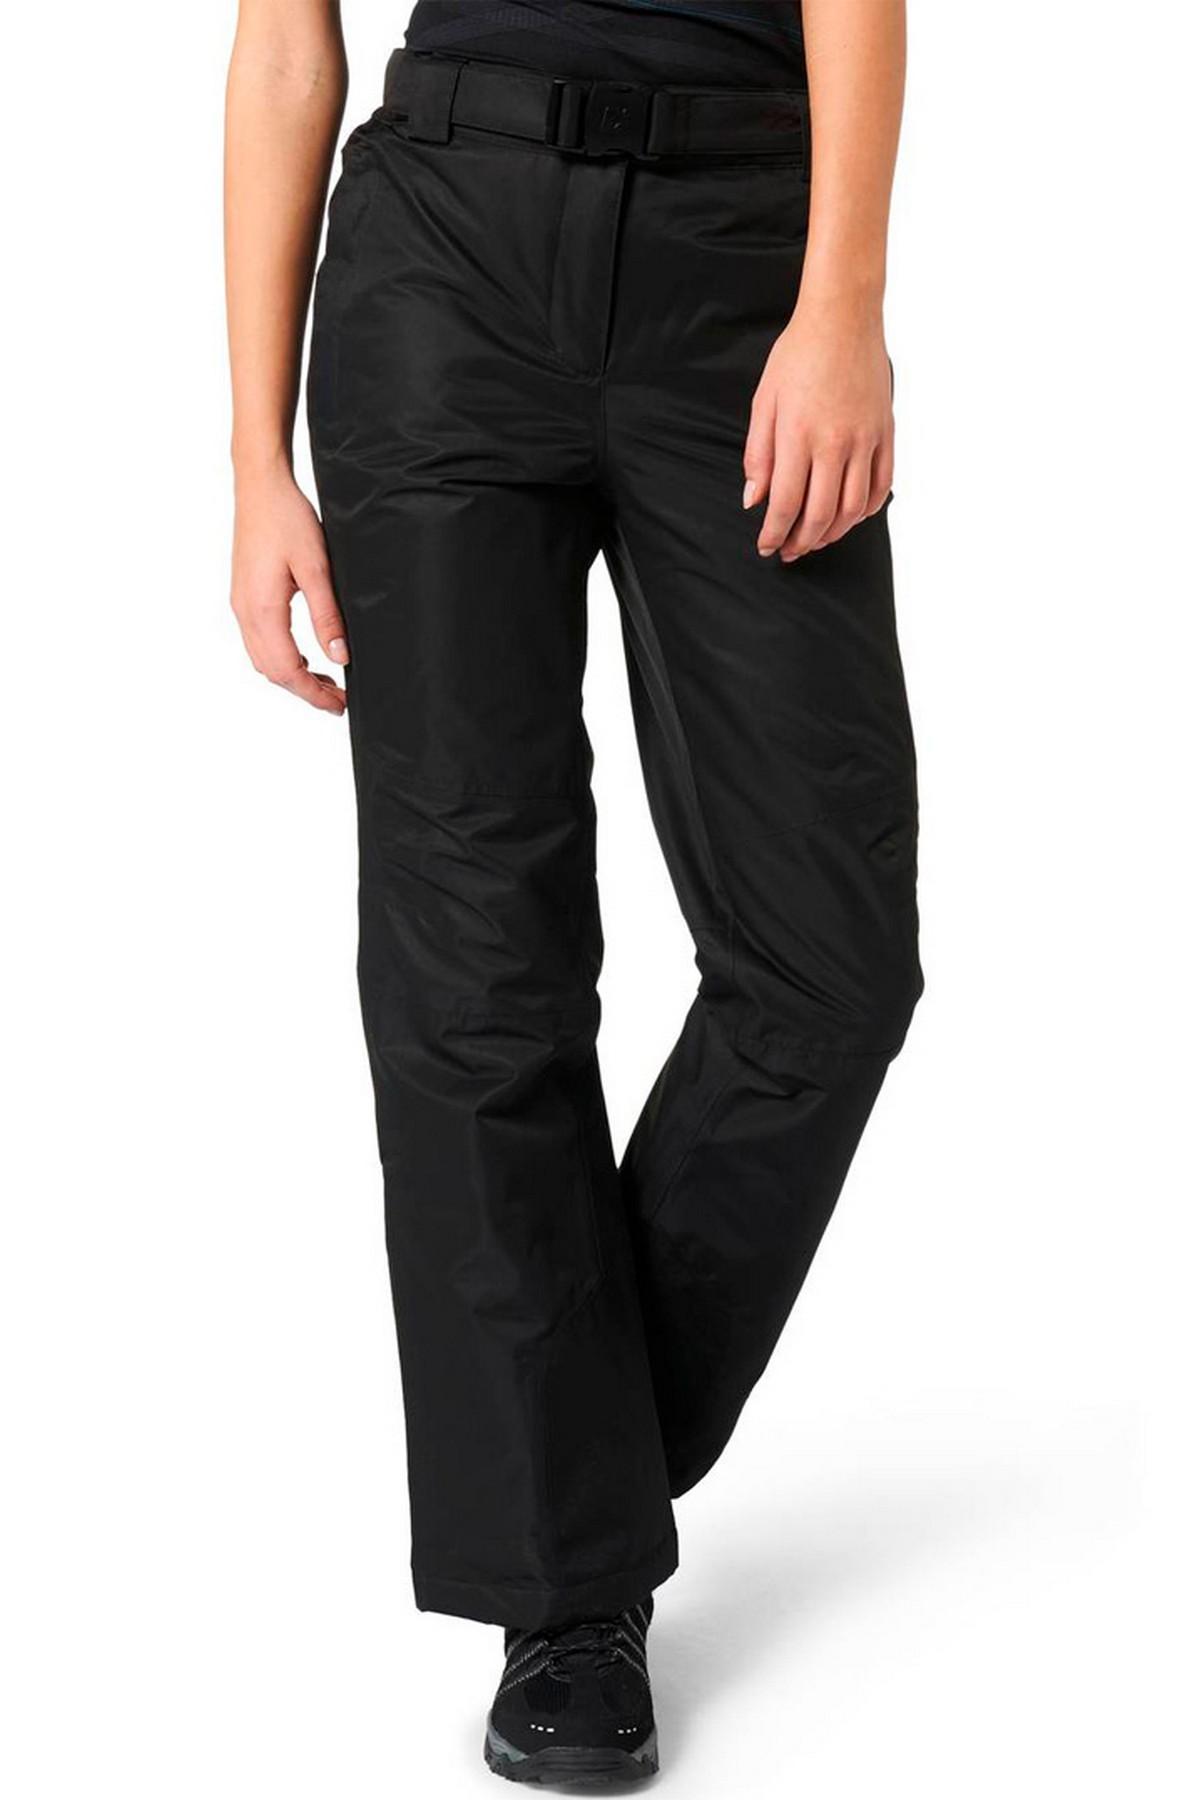 Killtec Liskas Kadın Pantolon Siyah (26589-200)